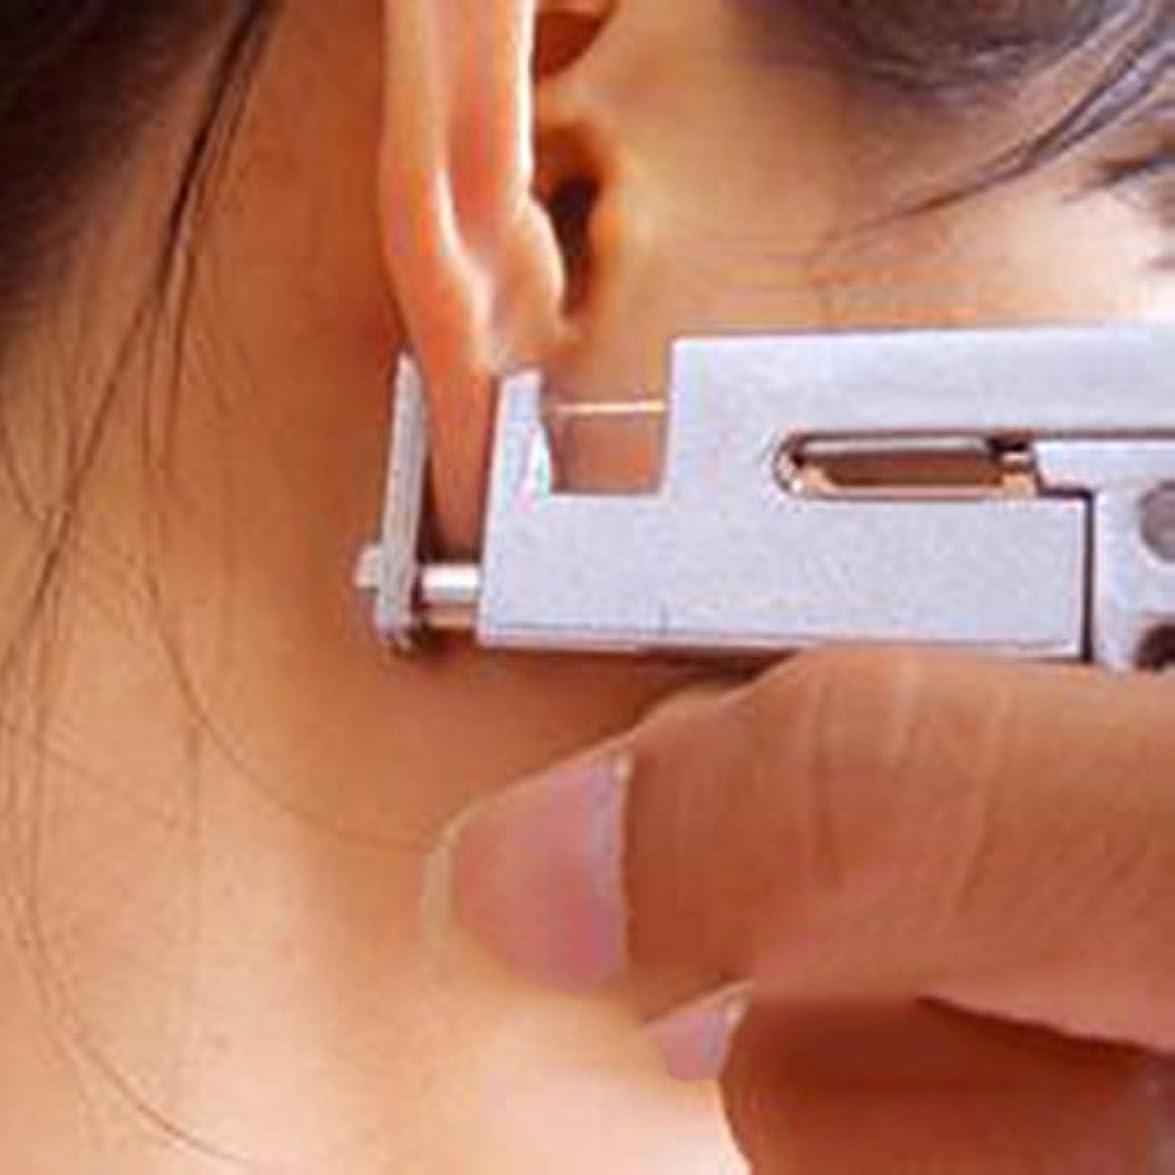 それによって合併交通プロの耳ボディ鼻ピアスガン 工作機械キットセット+ 98個スチールスタッド 使いやすい